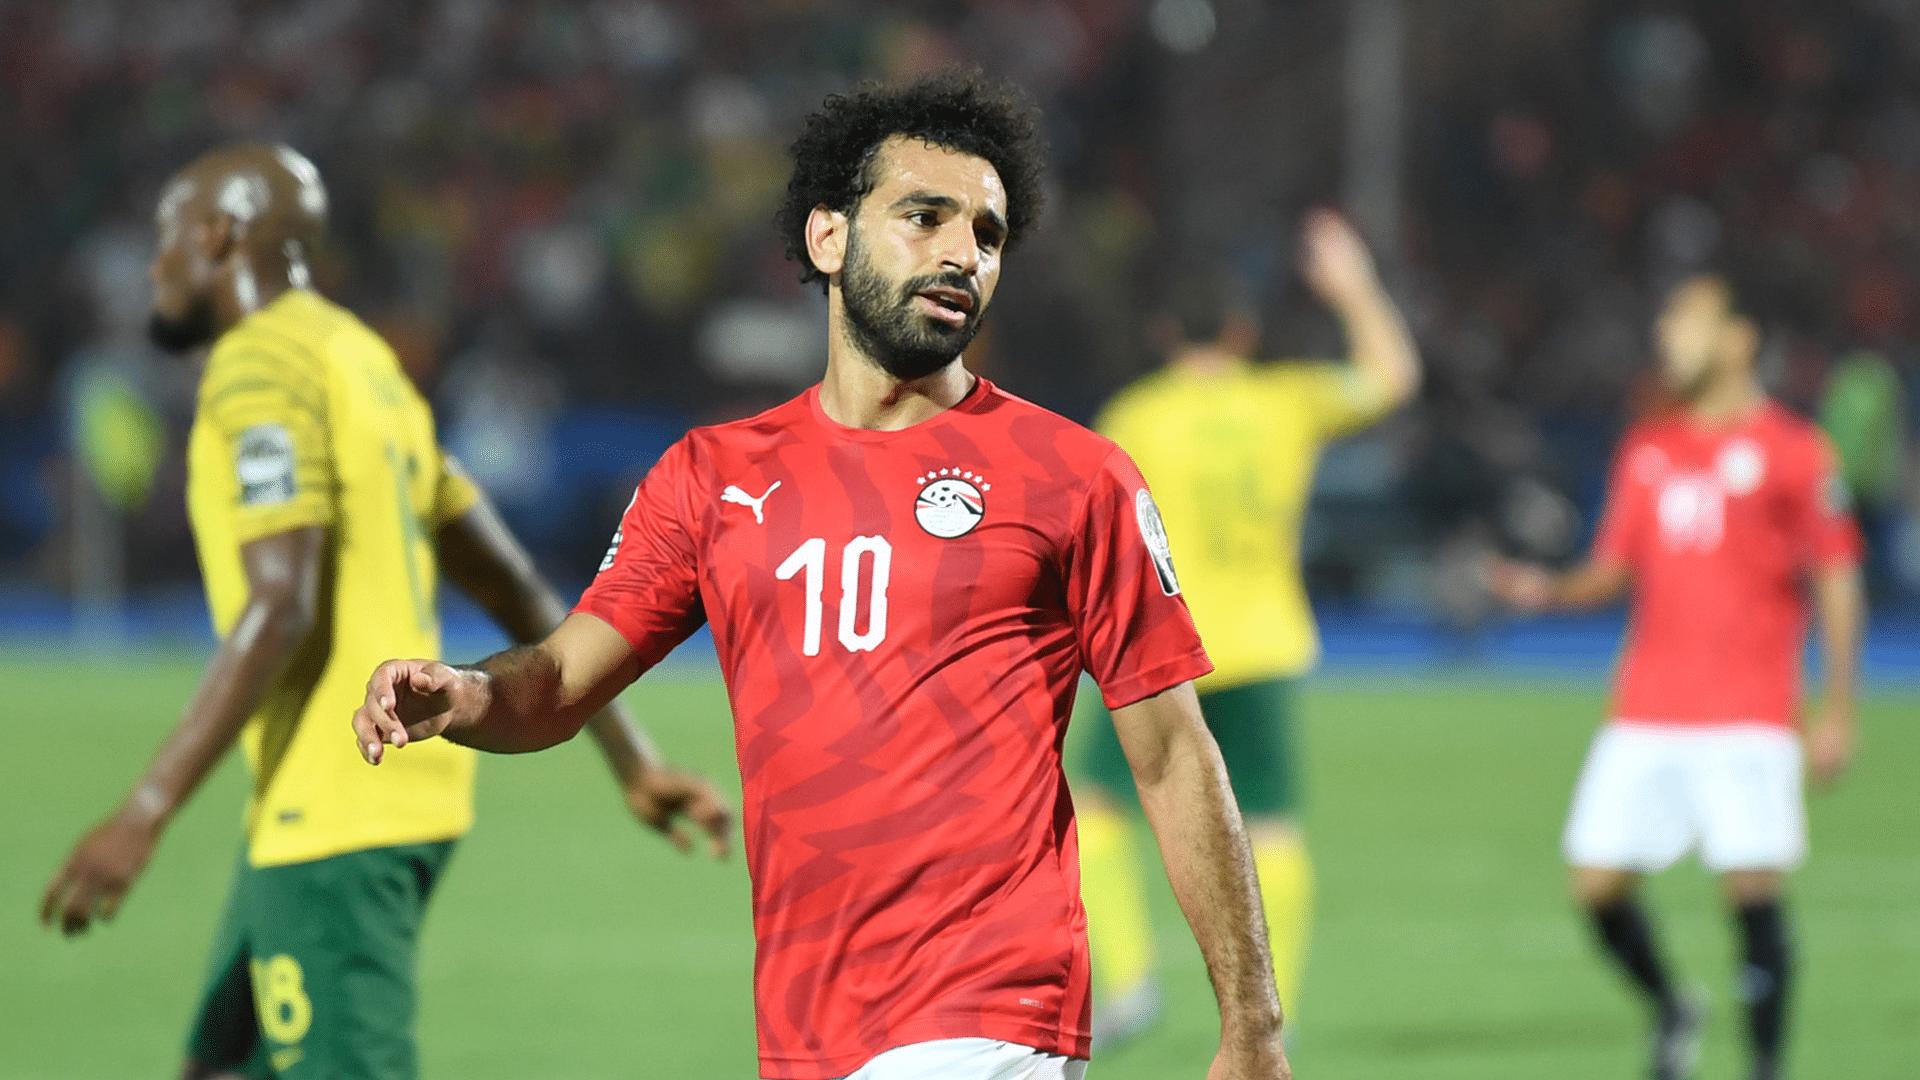 محمد صلاح ينضم إلى منتخب مصر استعدادًا لمواجهة الغابون (صور)